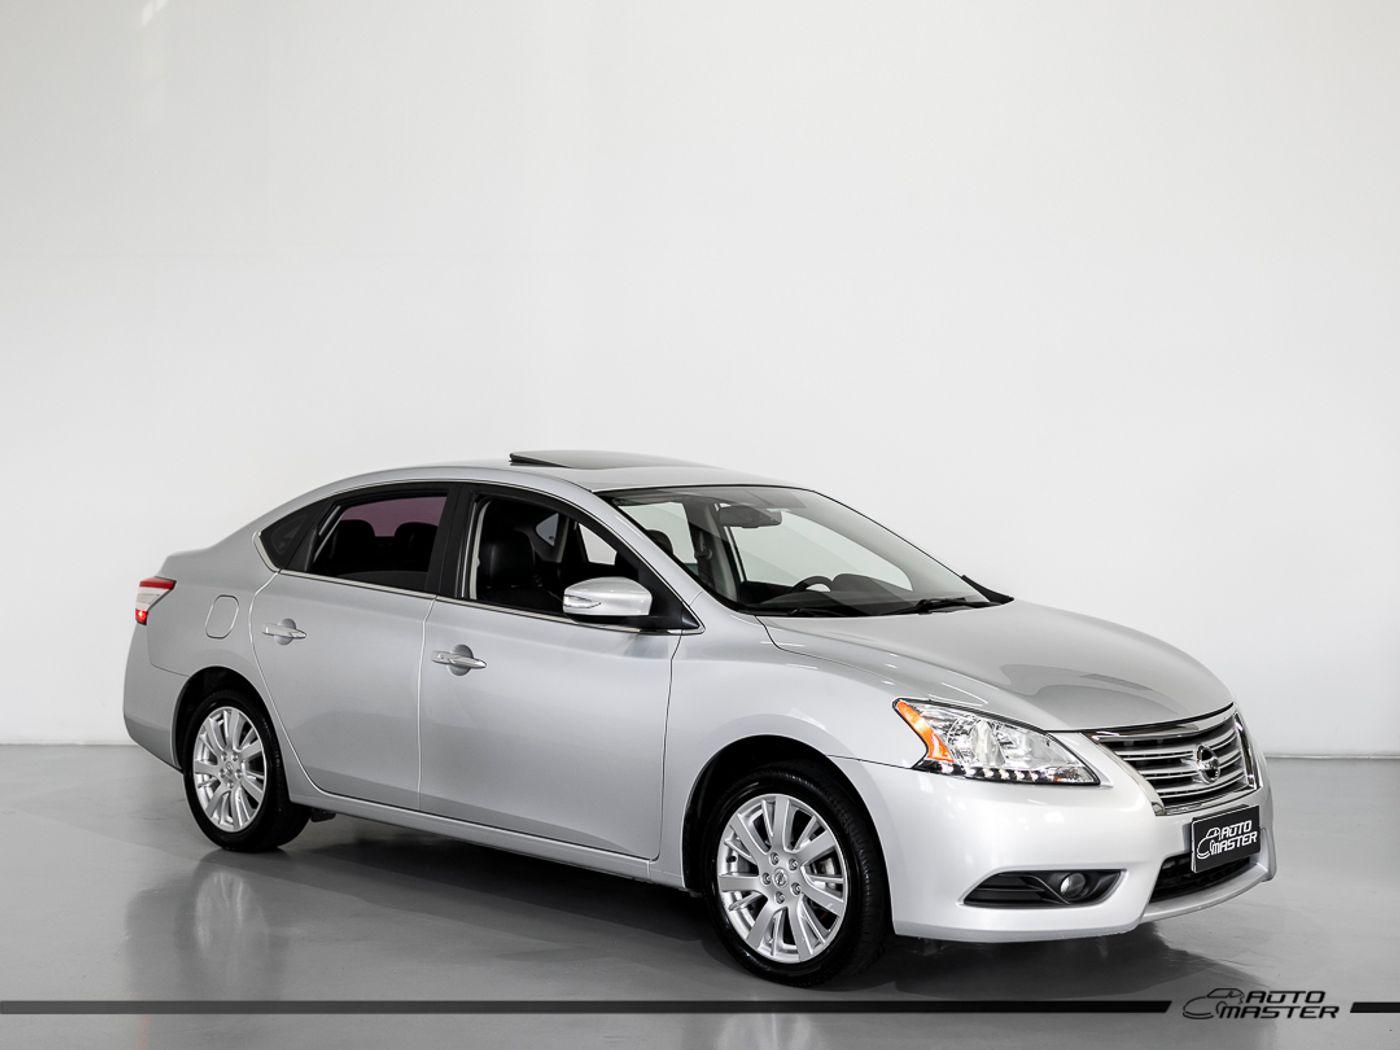 Nissan Sentra SL 2.0/ 2.0 Flex Fuel 16V Aut.